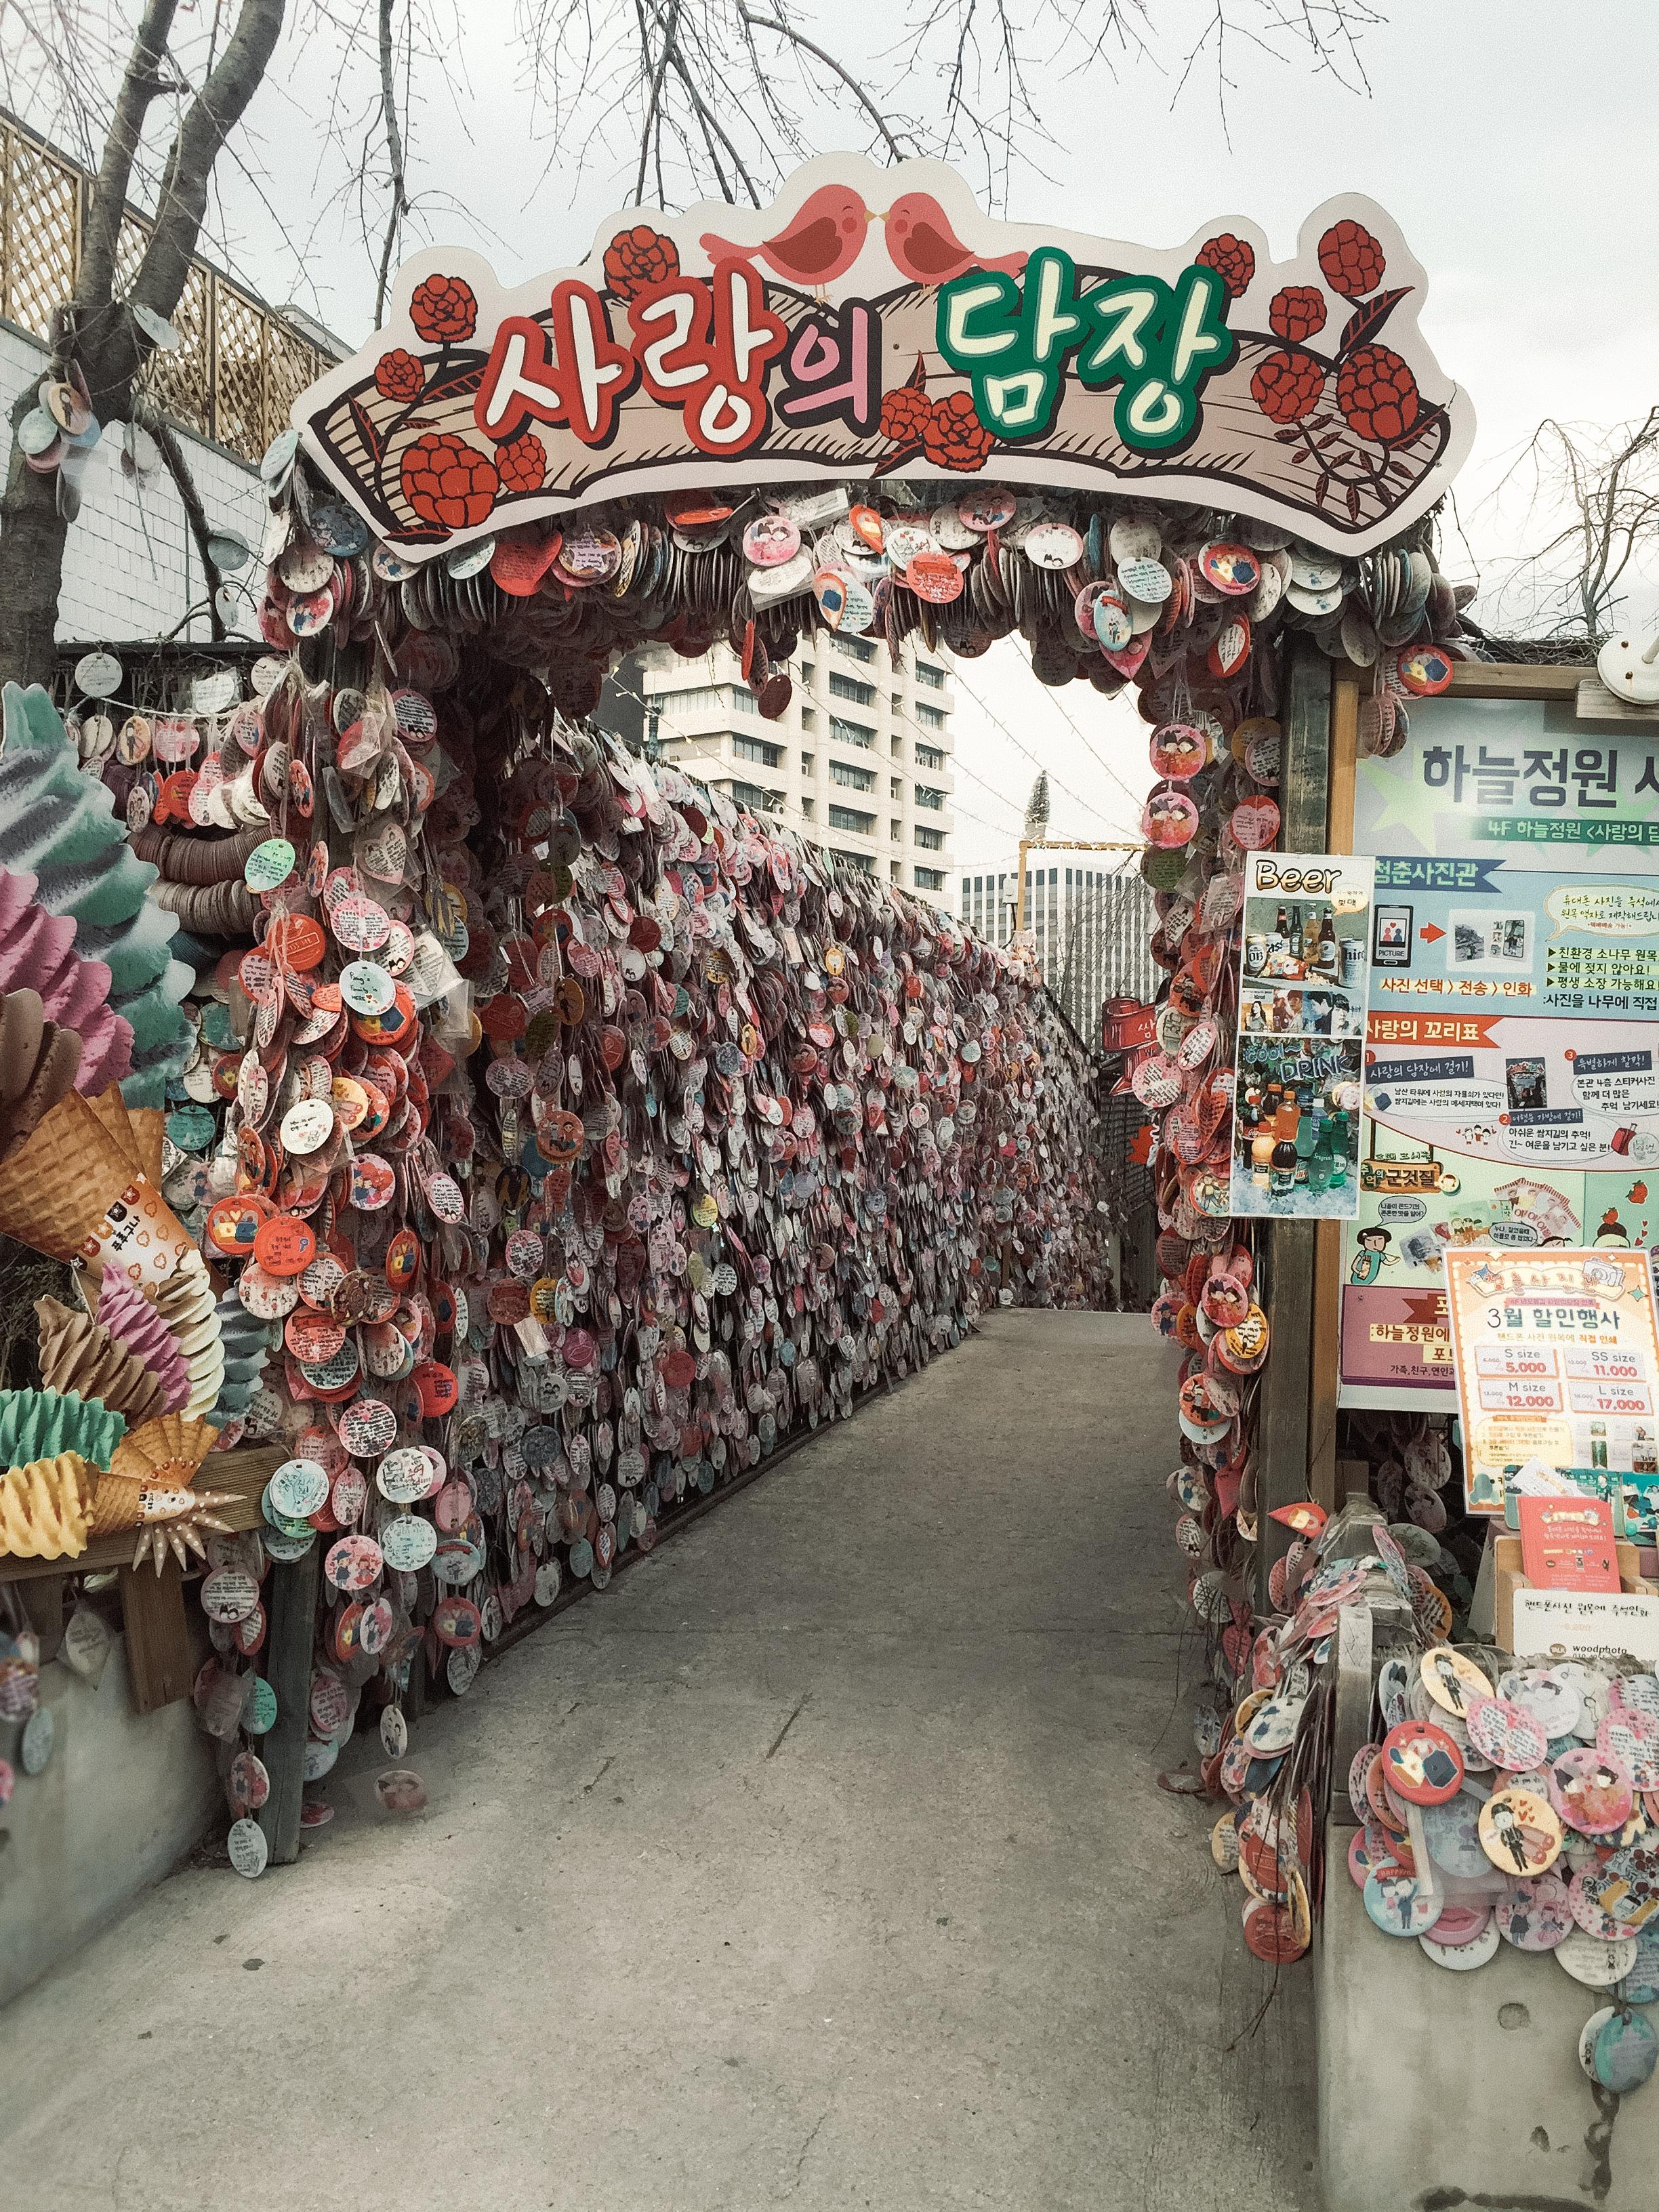 south-korea_26655786216_o.jpg